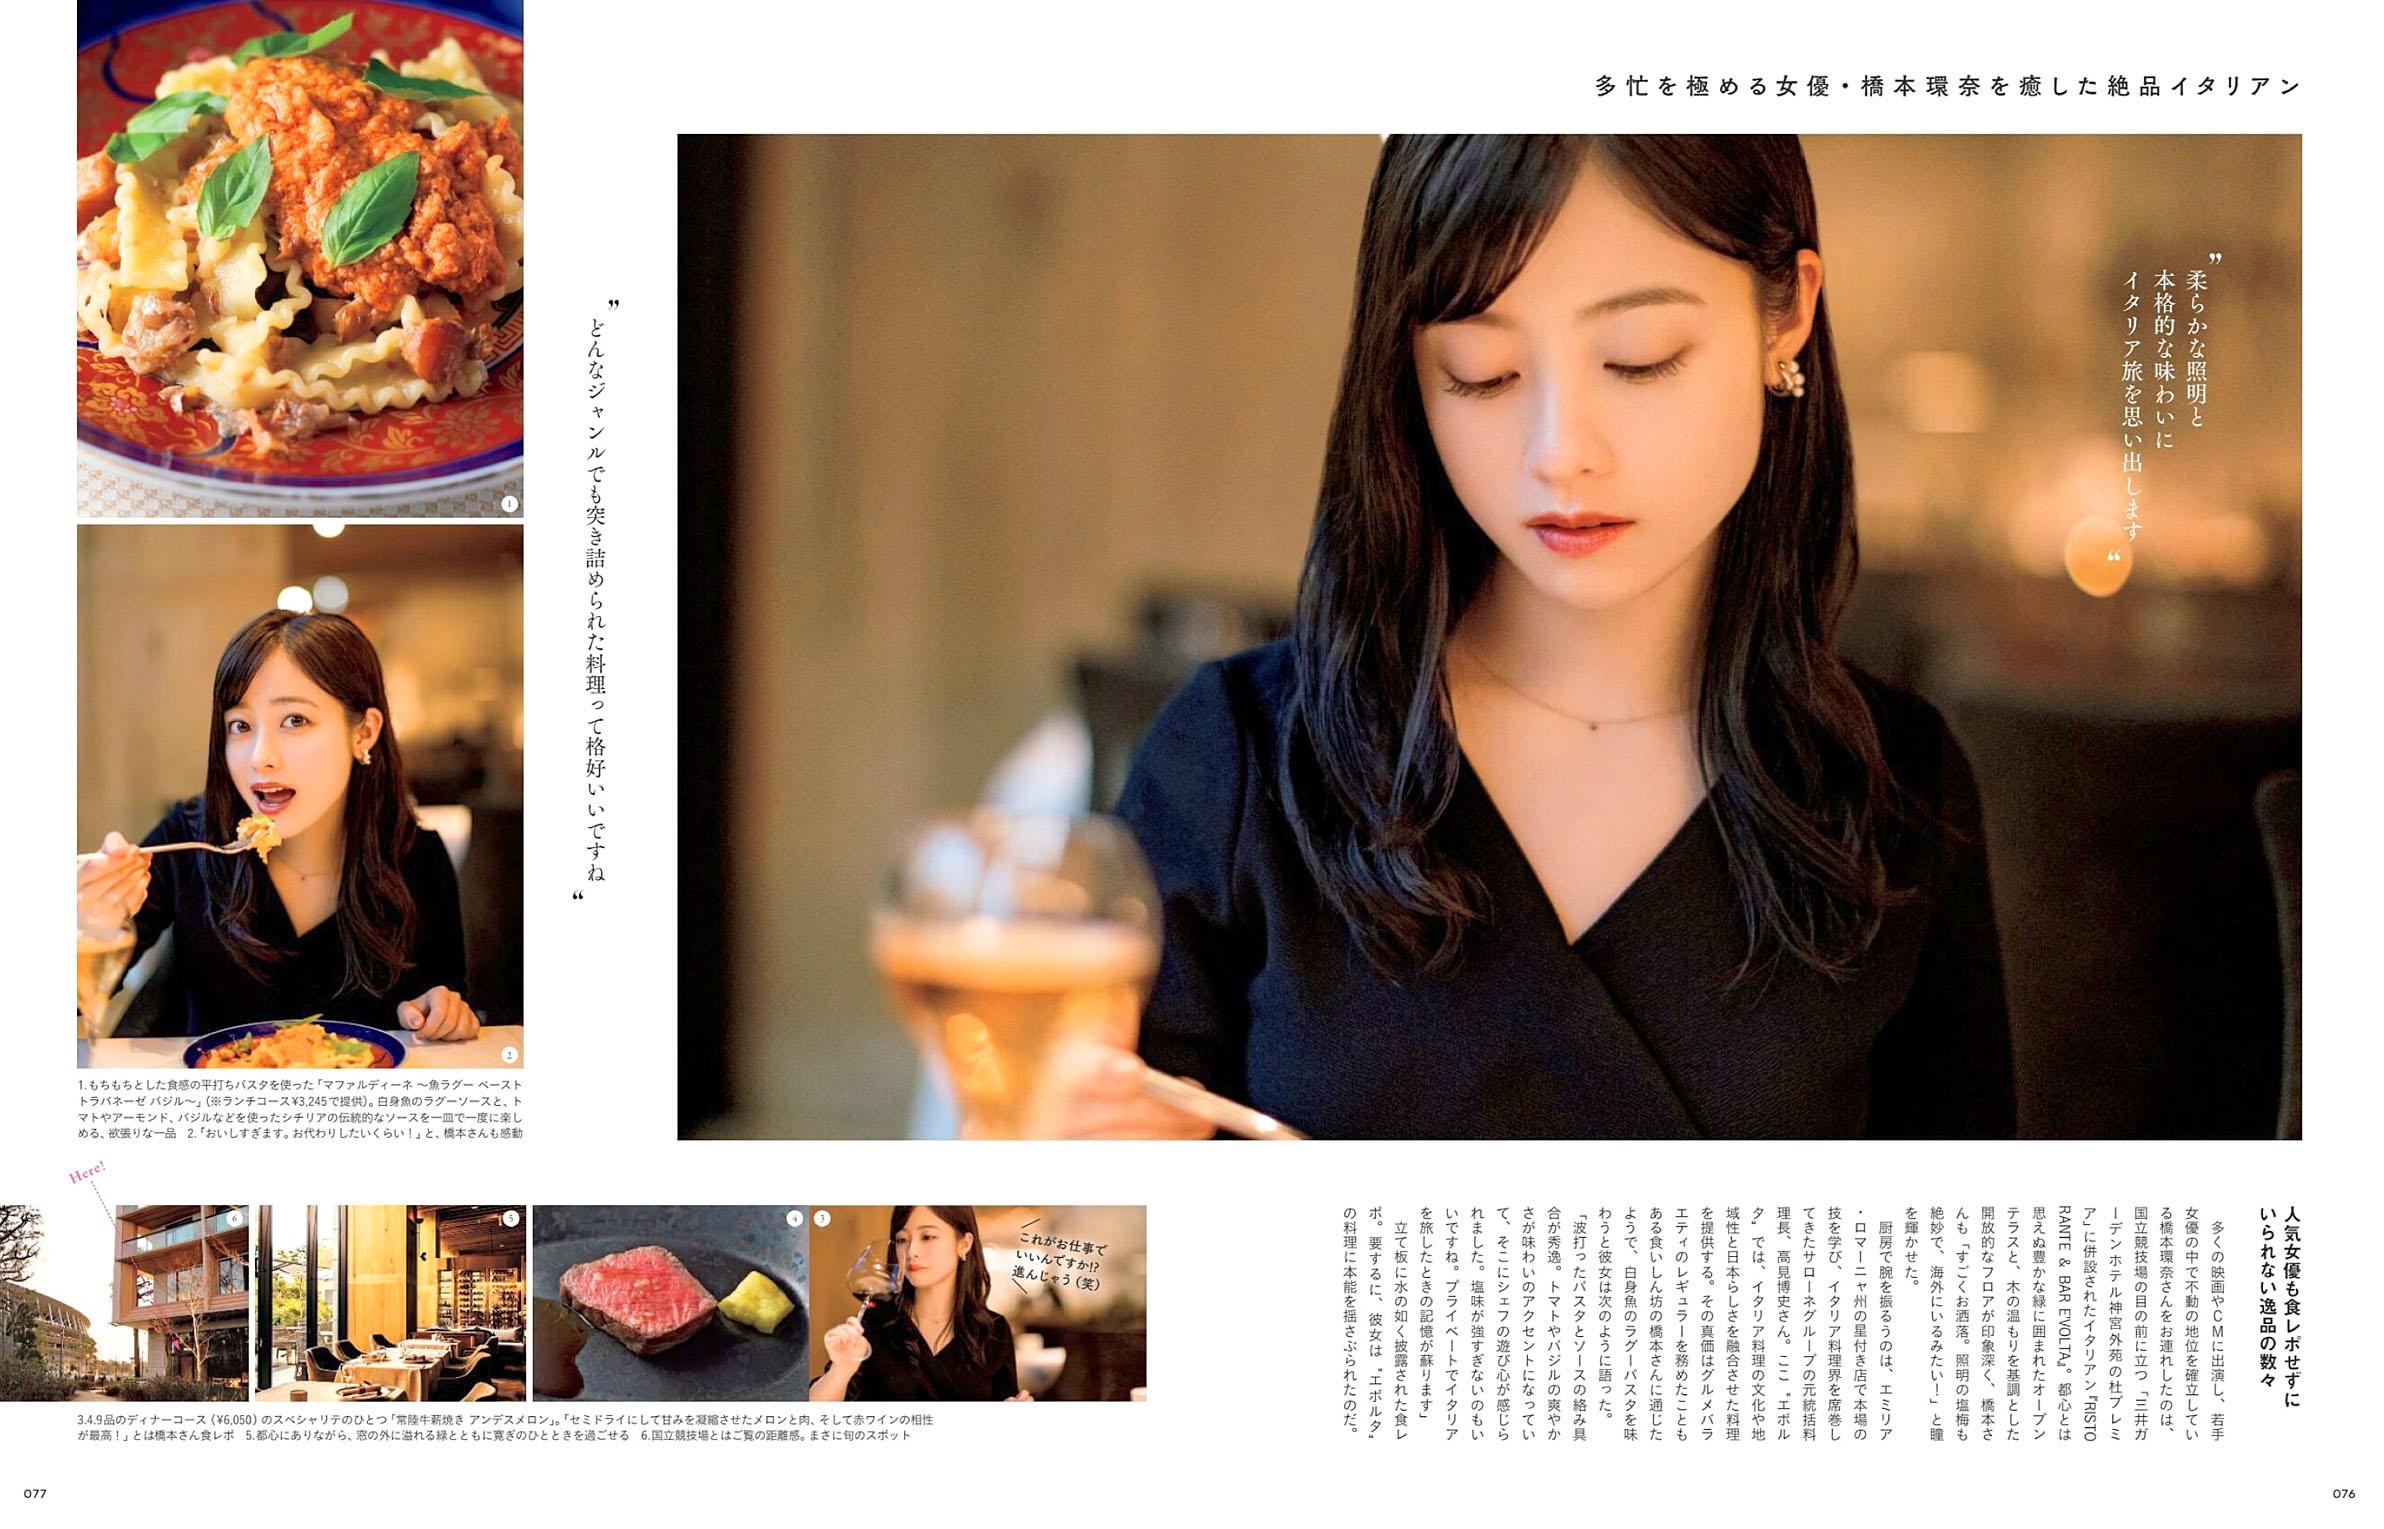 KHashimoto Tokyo Calendar 2109 04.jpg